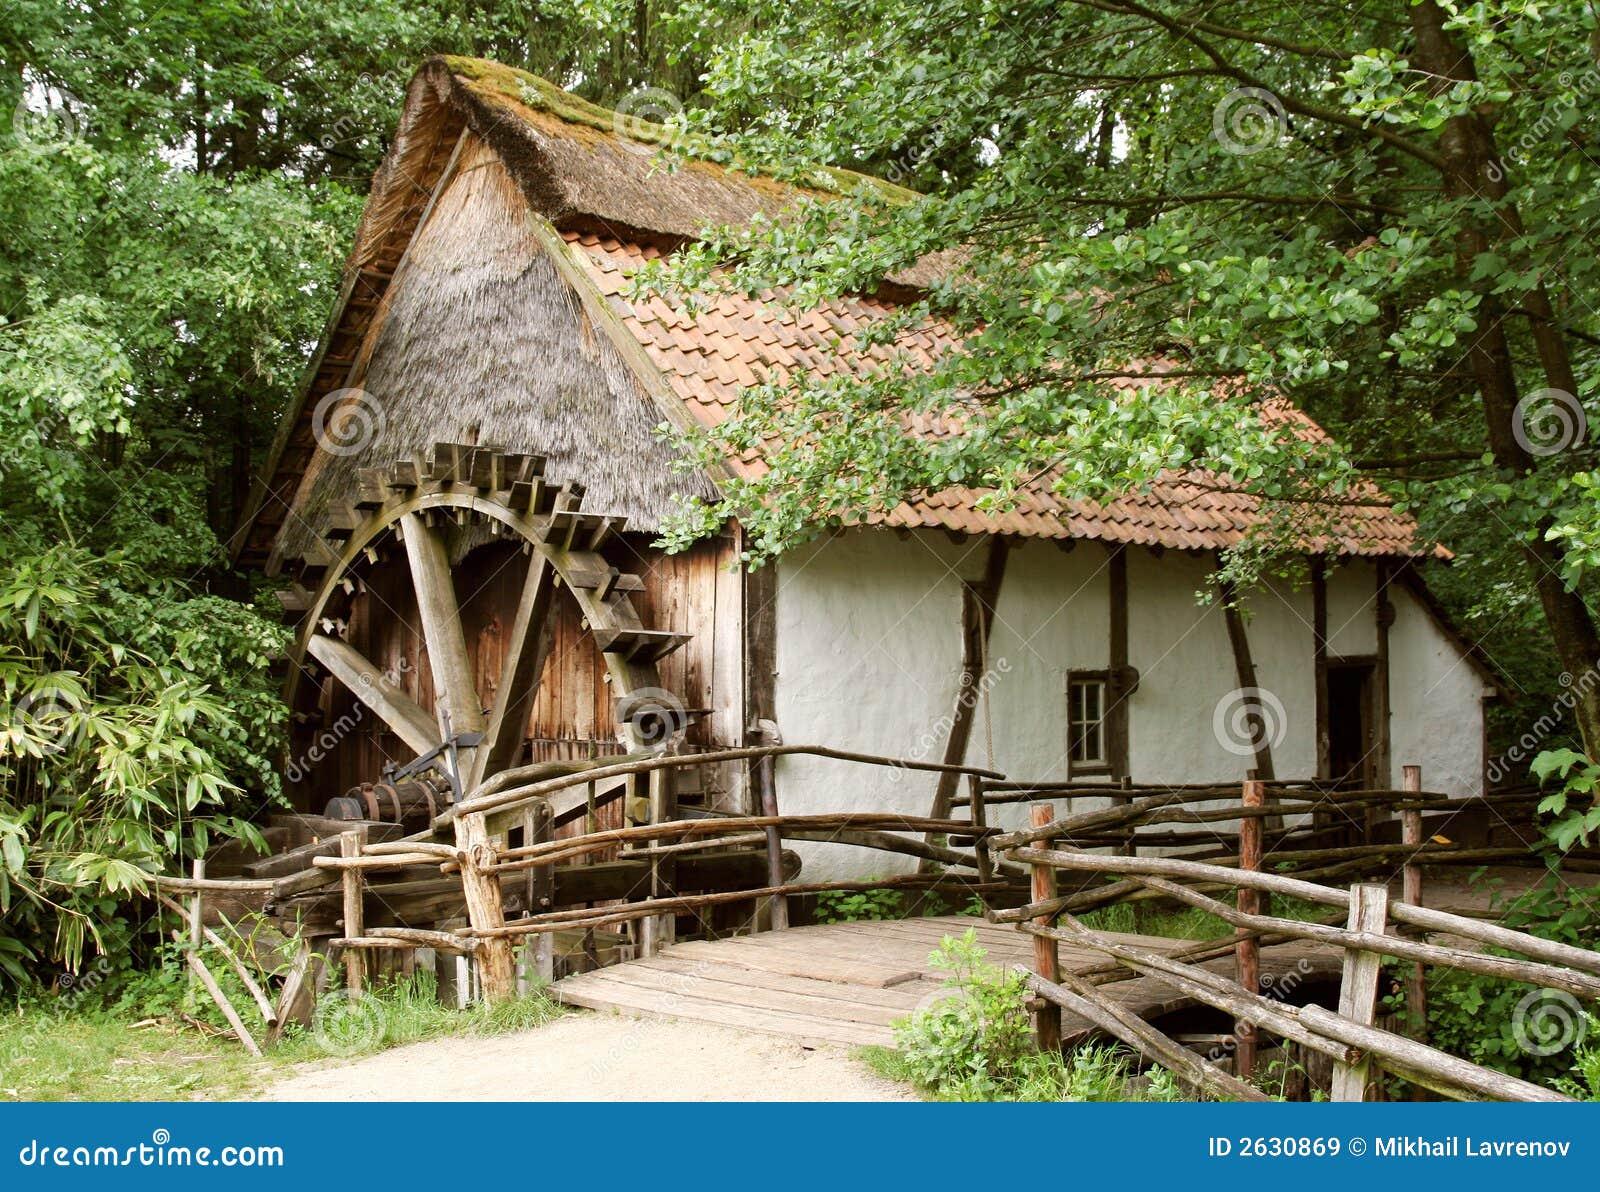 Alt-Art und Weise watermill